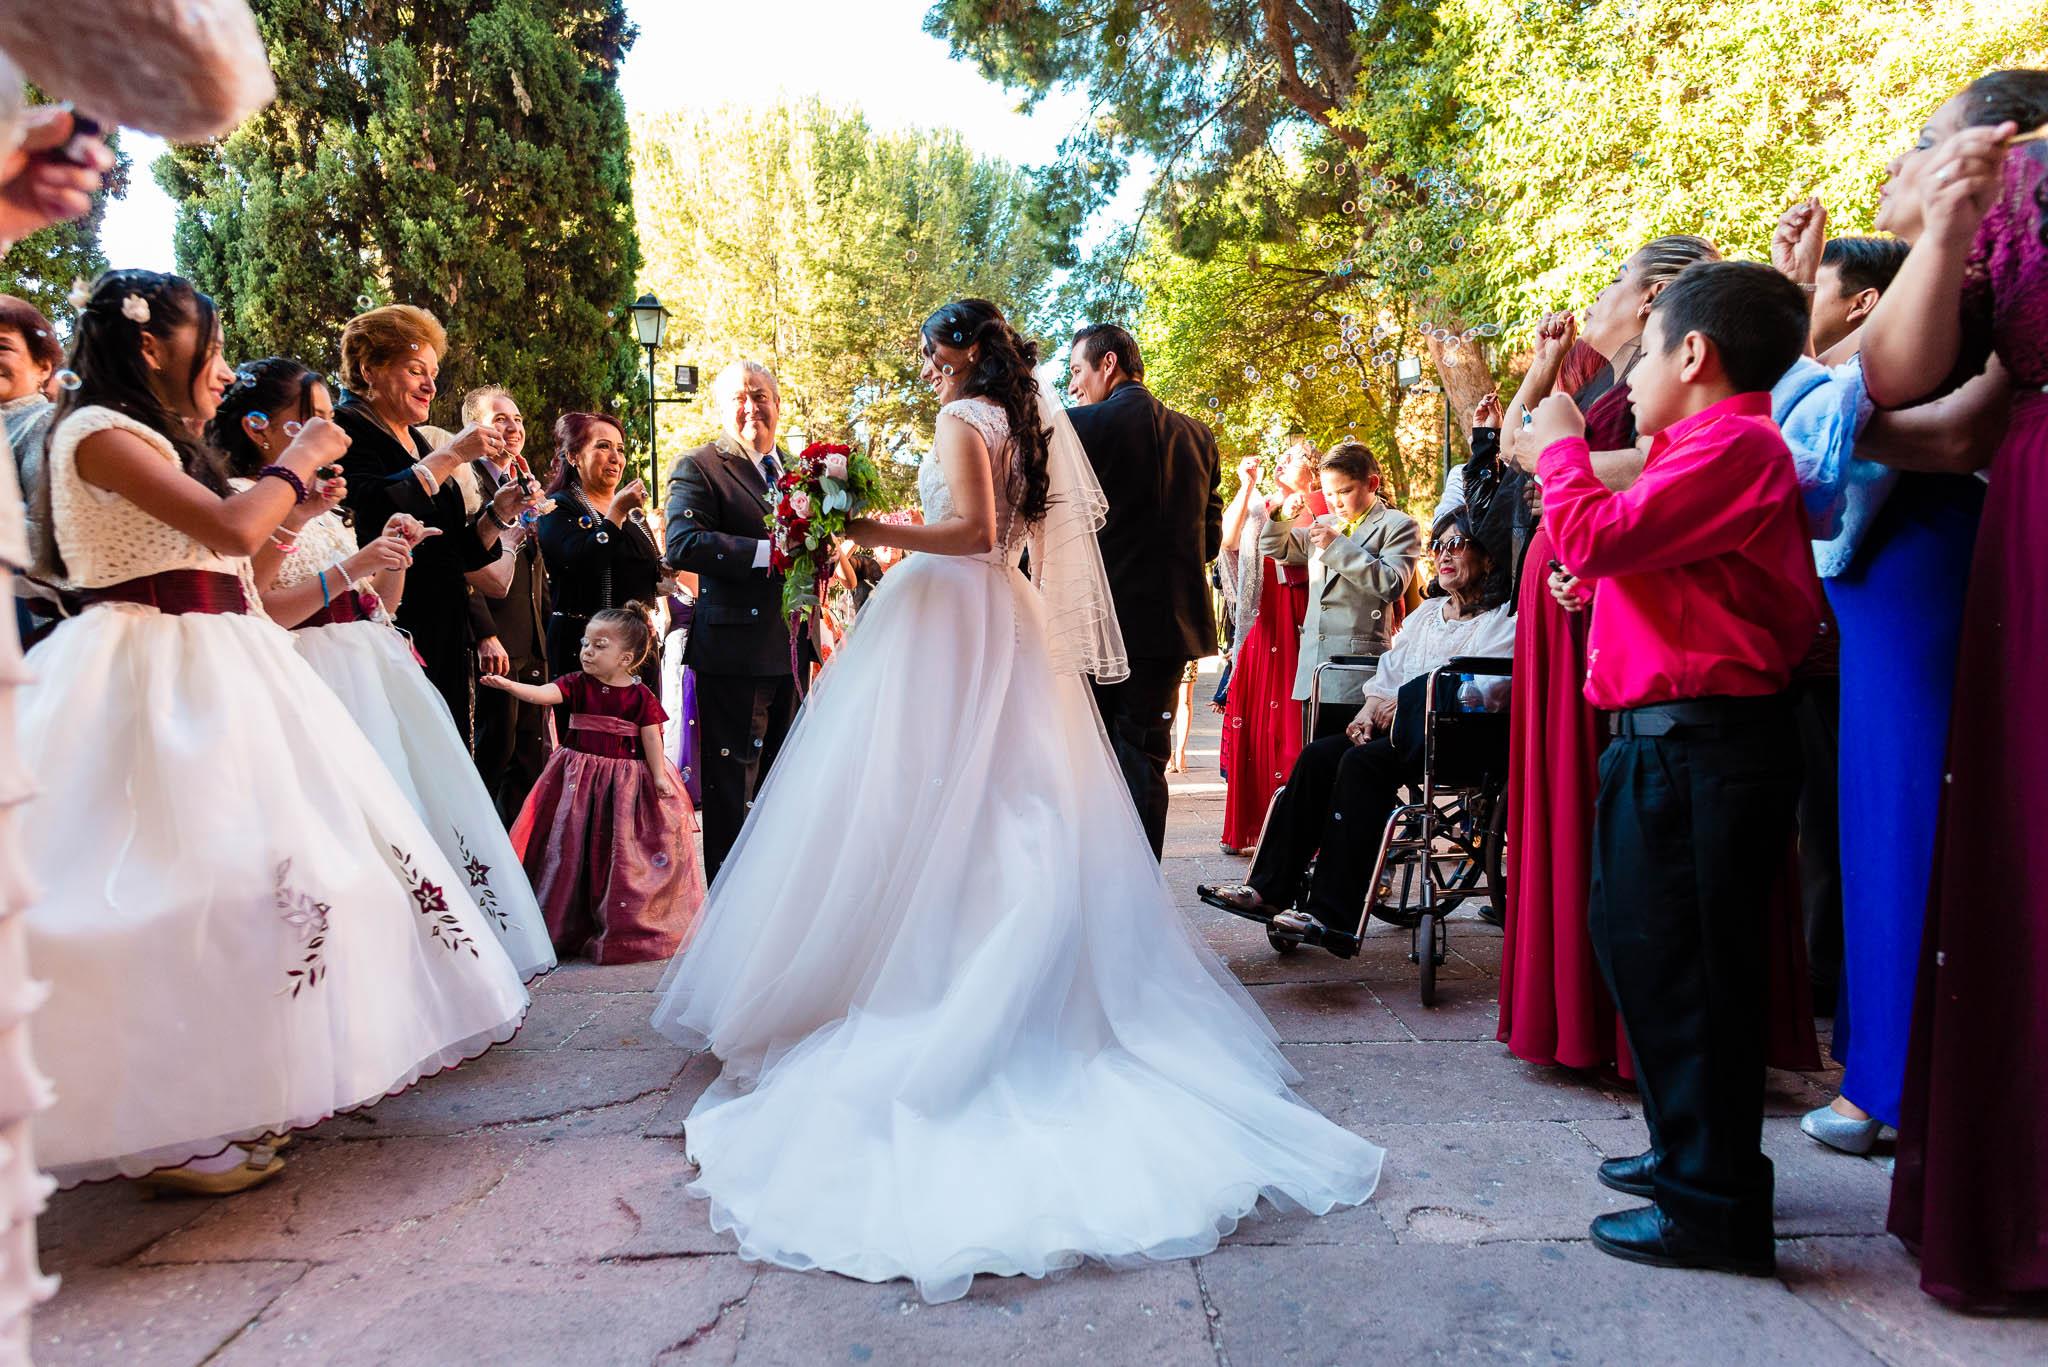 fotografo de bodas san luis potosi boda mexico wedding destination fotos de boda 120